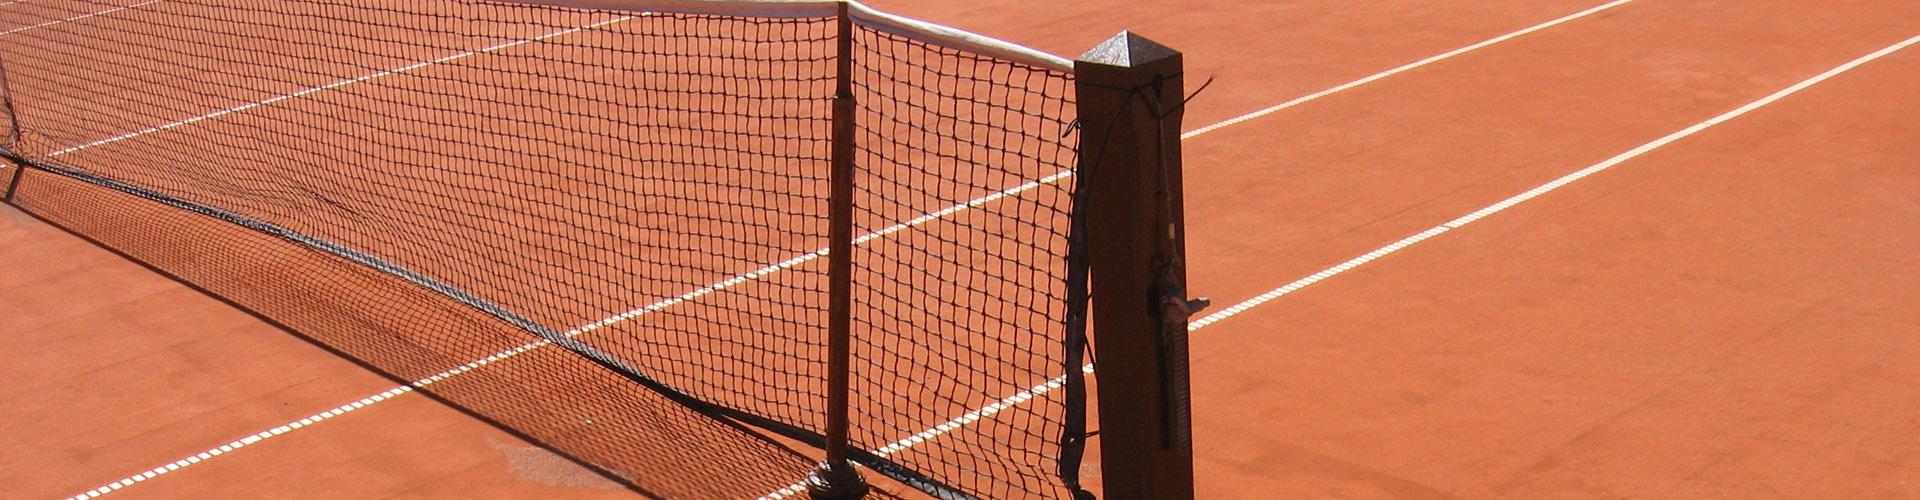 Tennis en terre battue